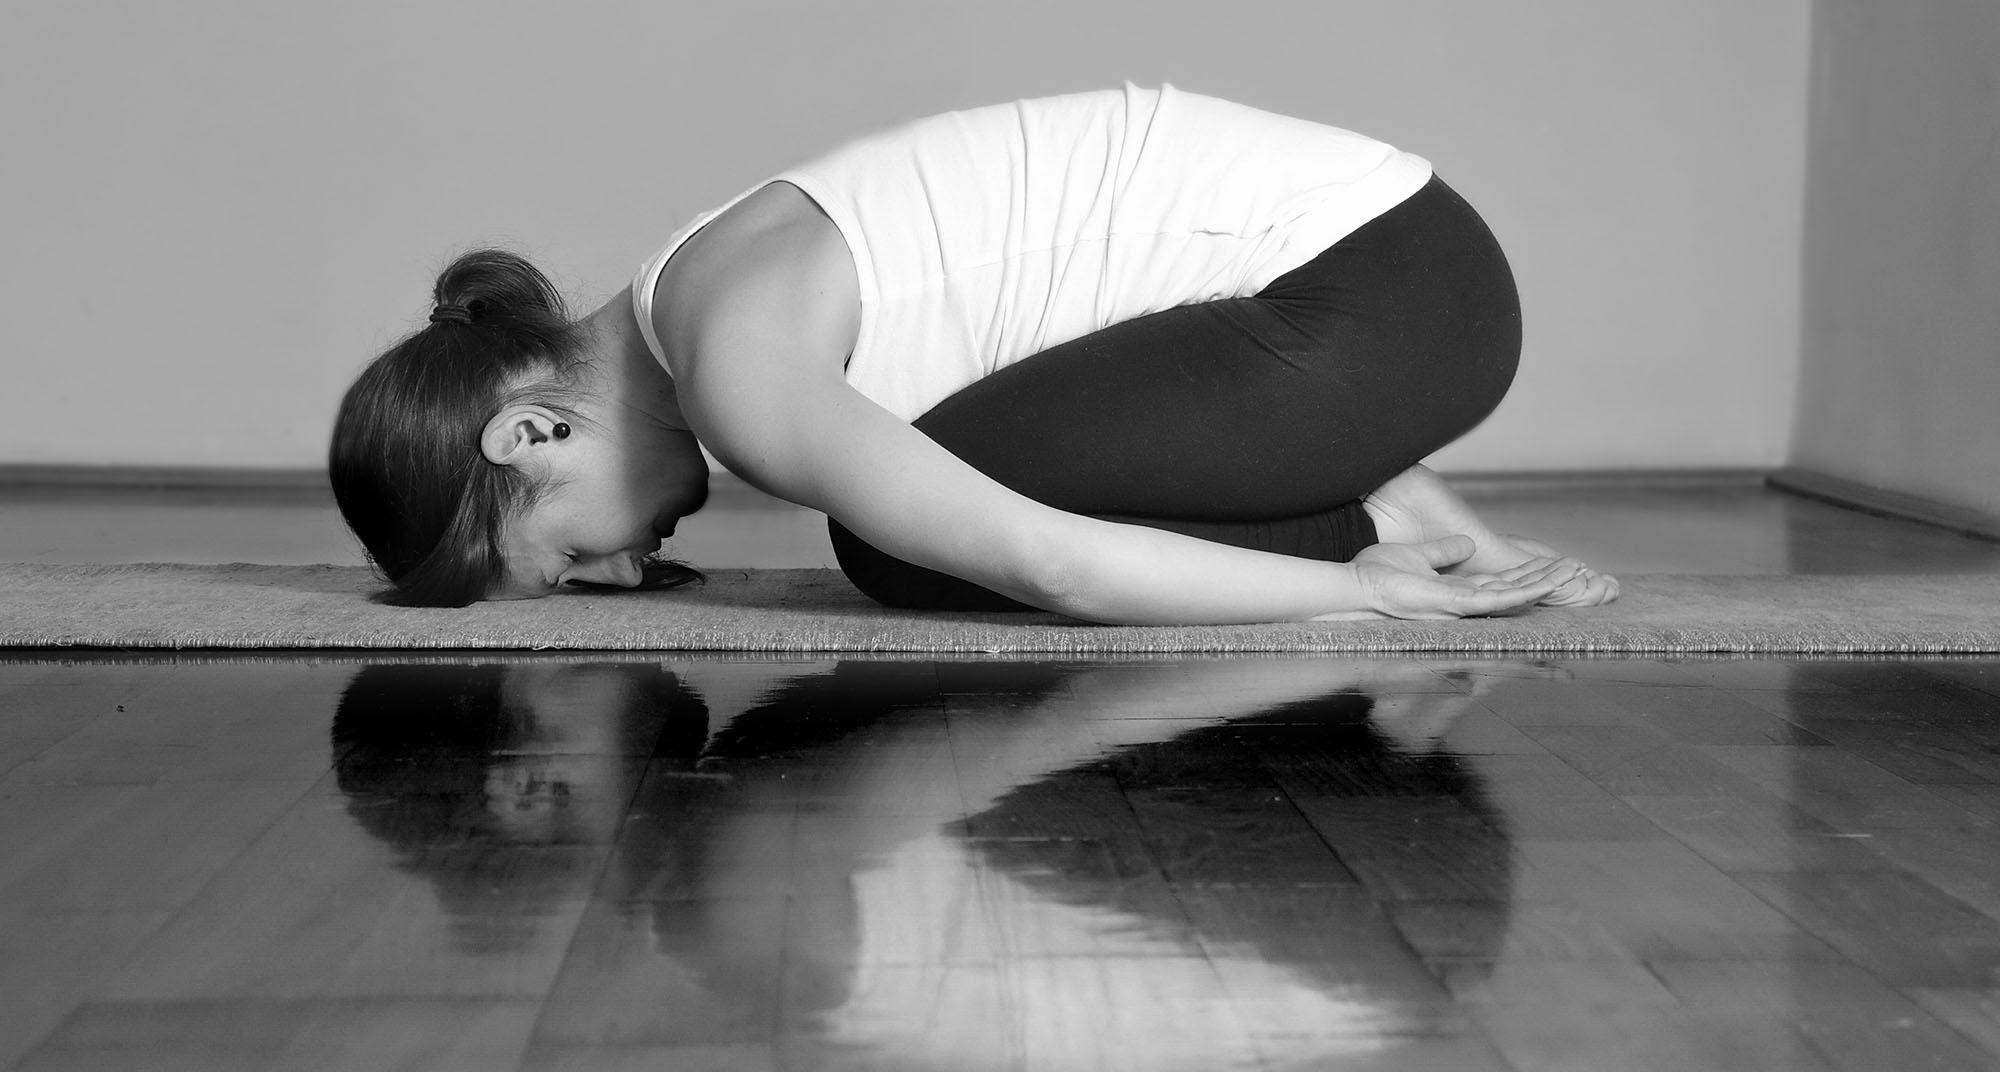 Girl doing Marichyasana A yoga pose